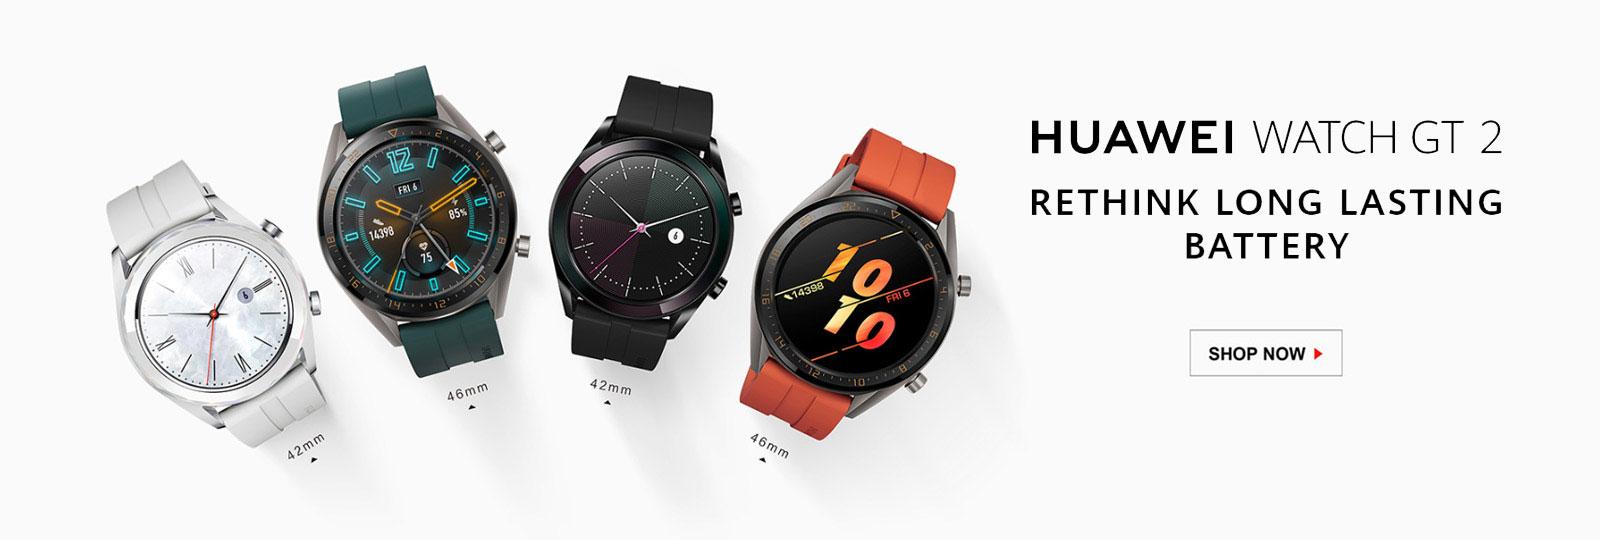 Huawei Watch GT 2 - Shop Now